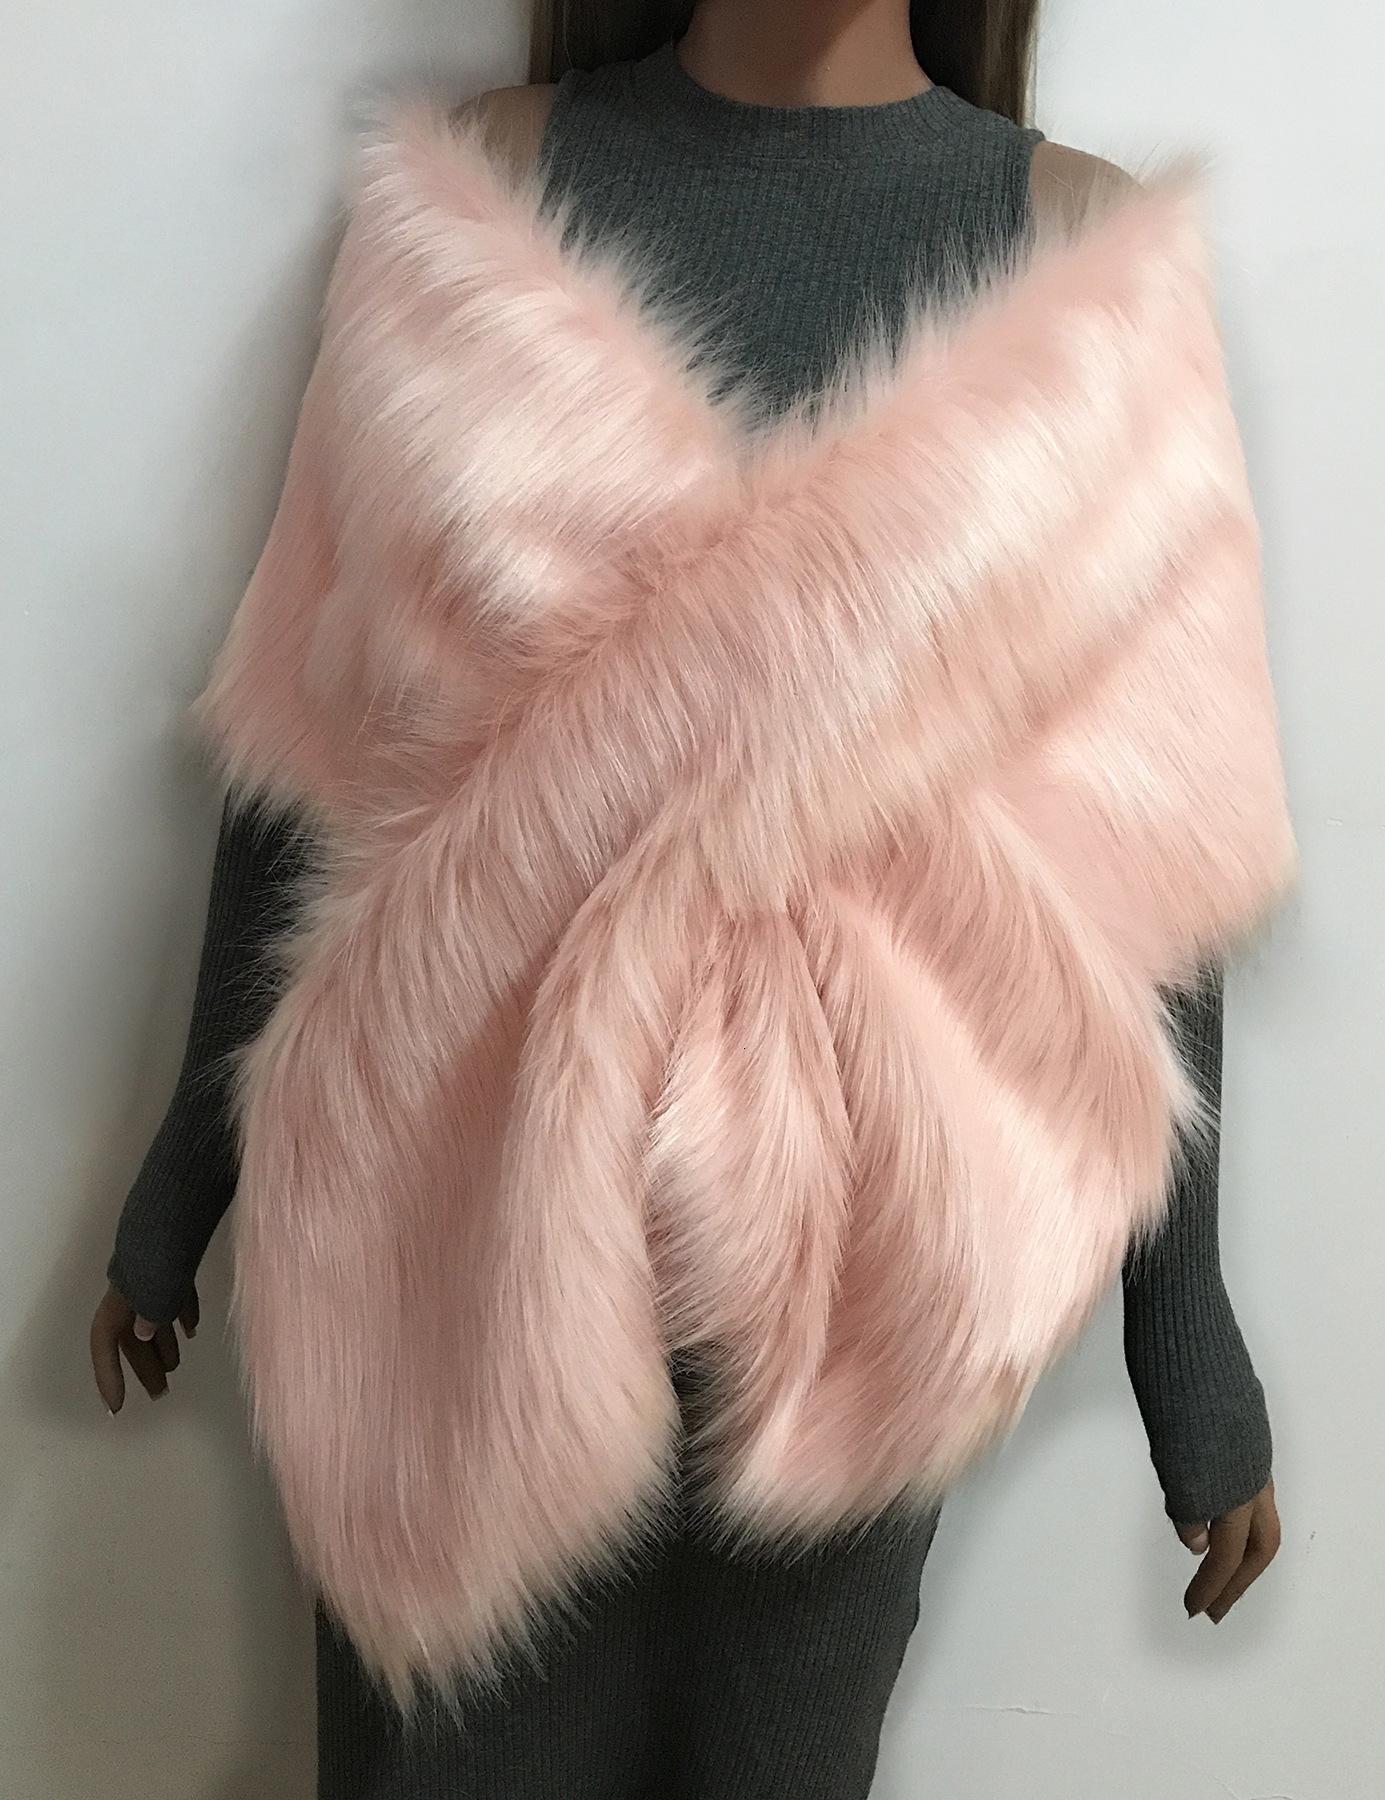 Fashion Fur Shawl Wedding Wrap Formal Cheongsam Dress Oversized Scarf Soft Fox Lady Winter Fake Collar Outerwear Bride Cape T191112